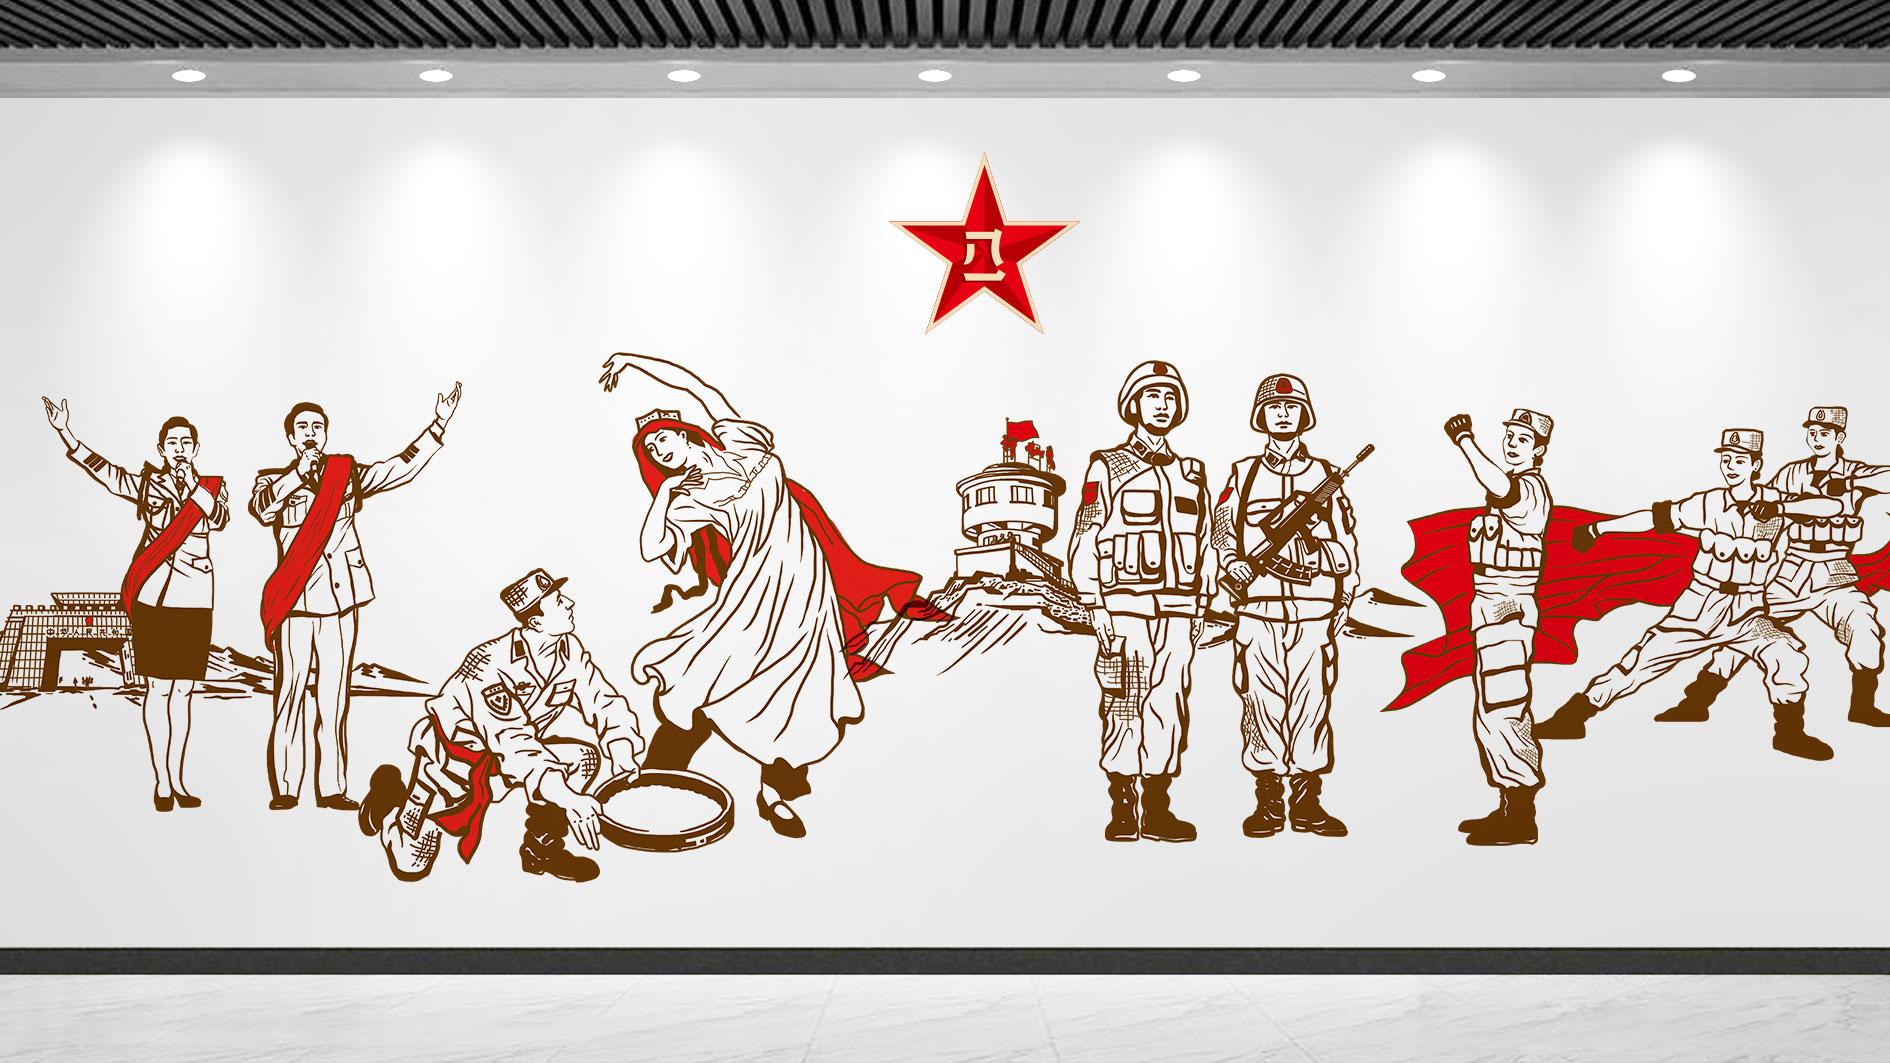 部队插画设计-兴动设计有限公司